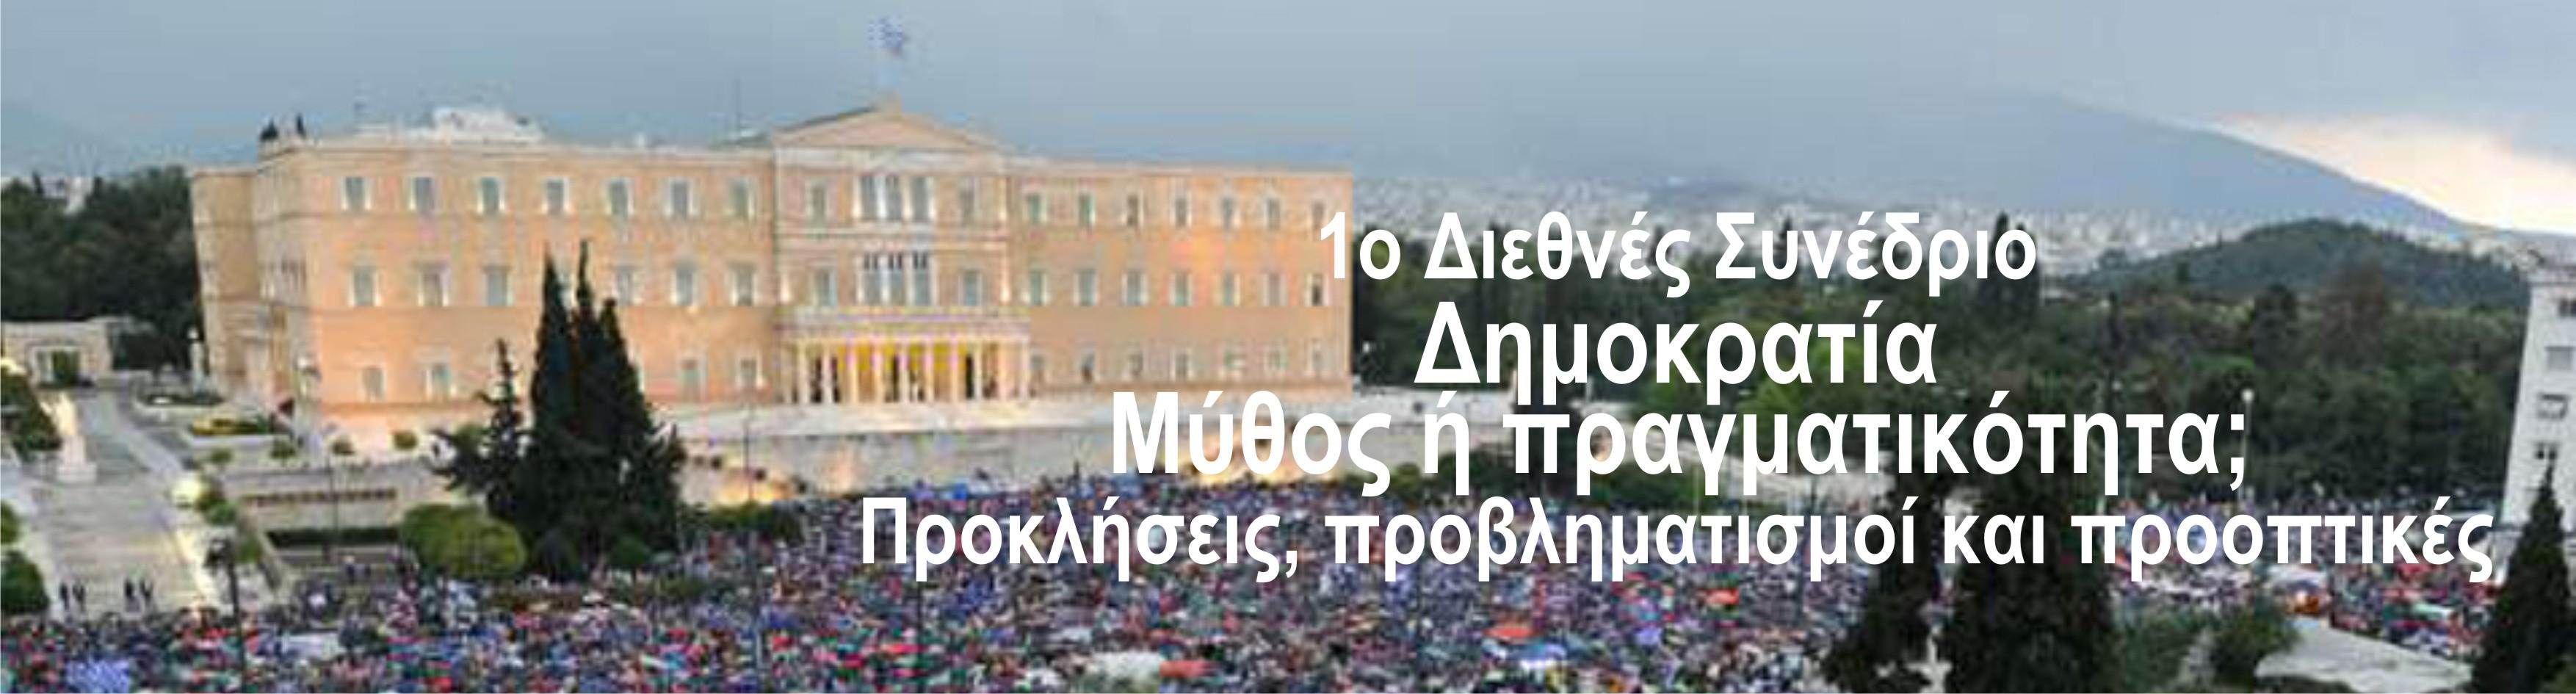 1ο Συνέδριο Δημοκρατίας